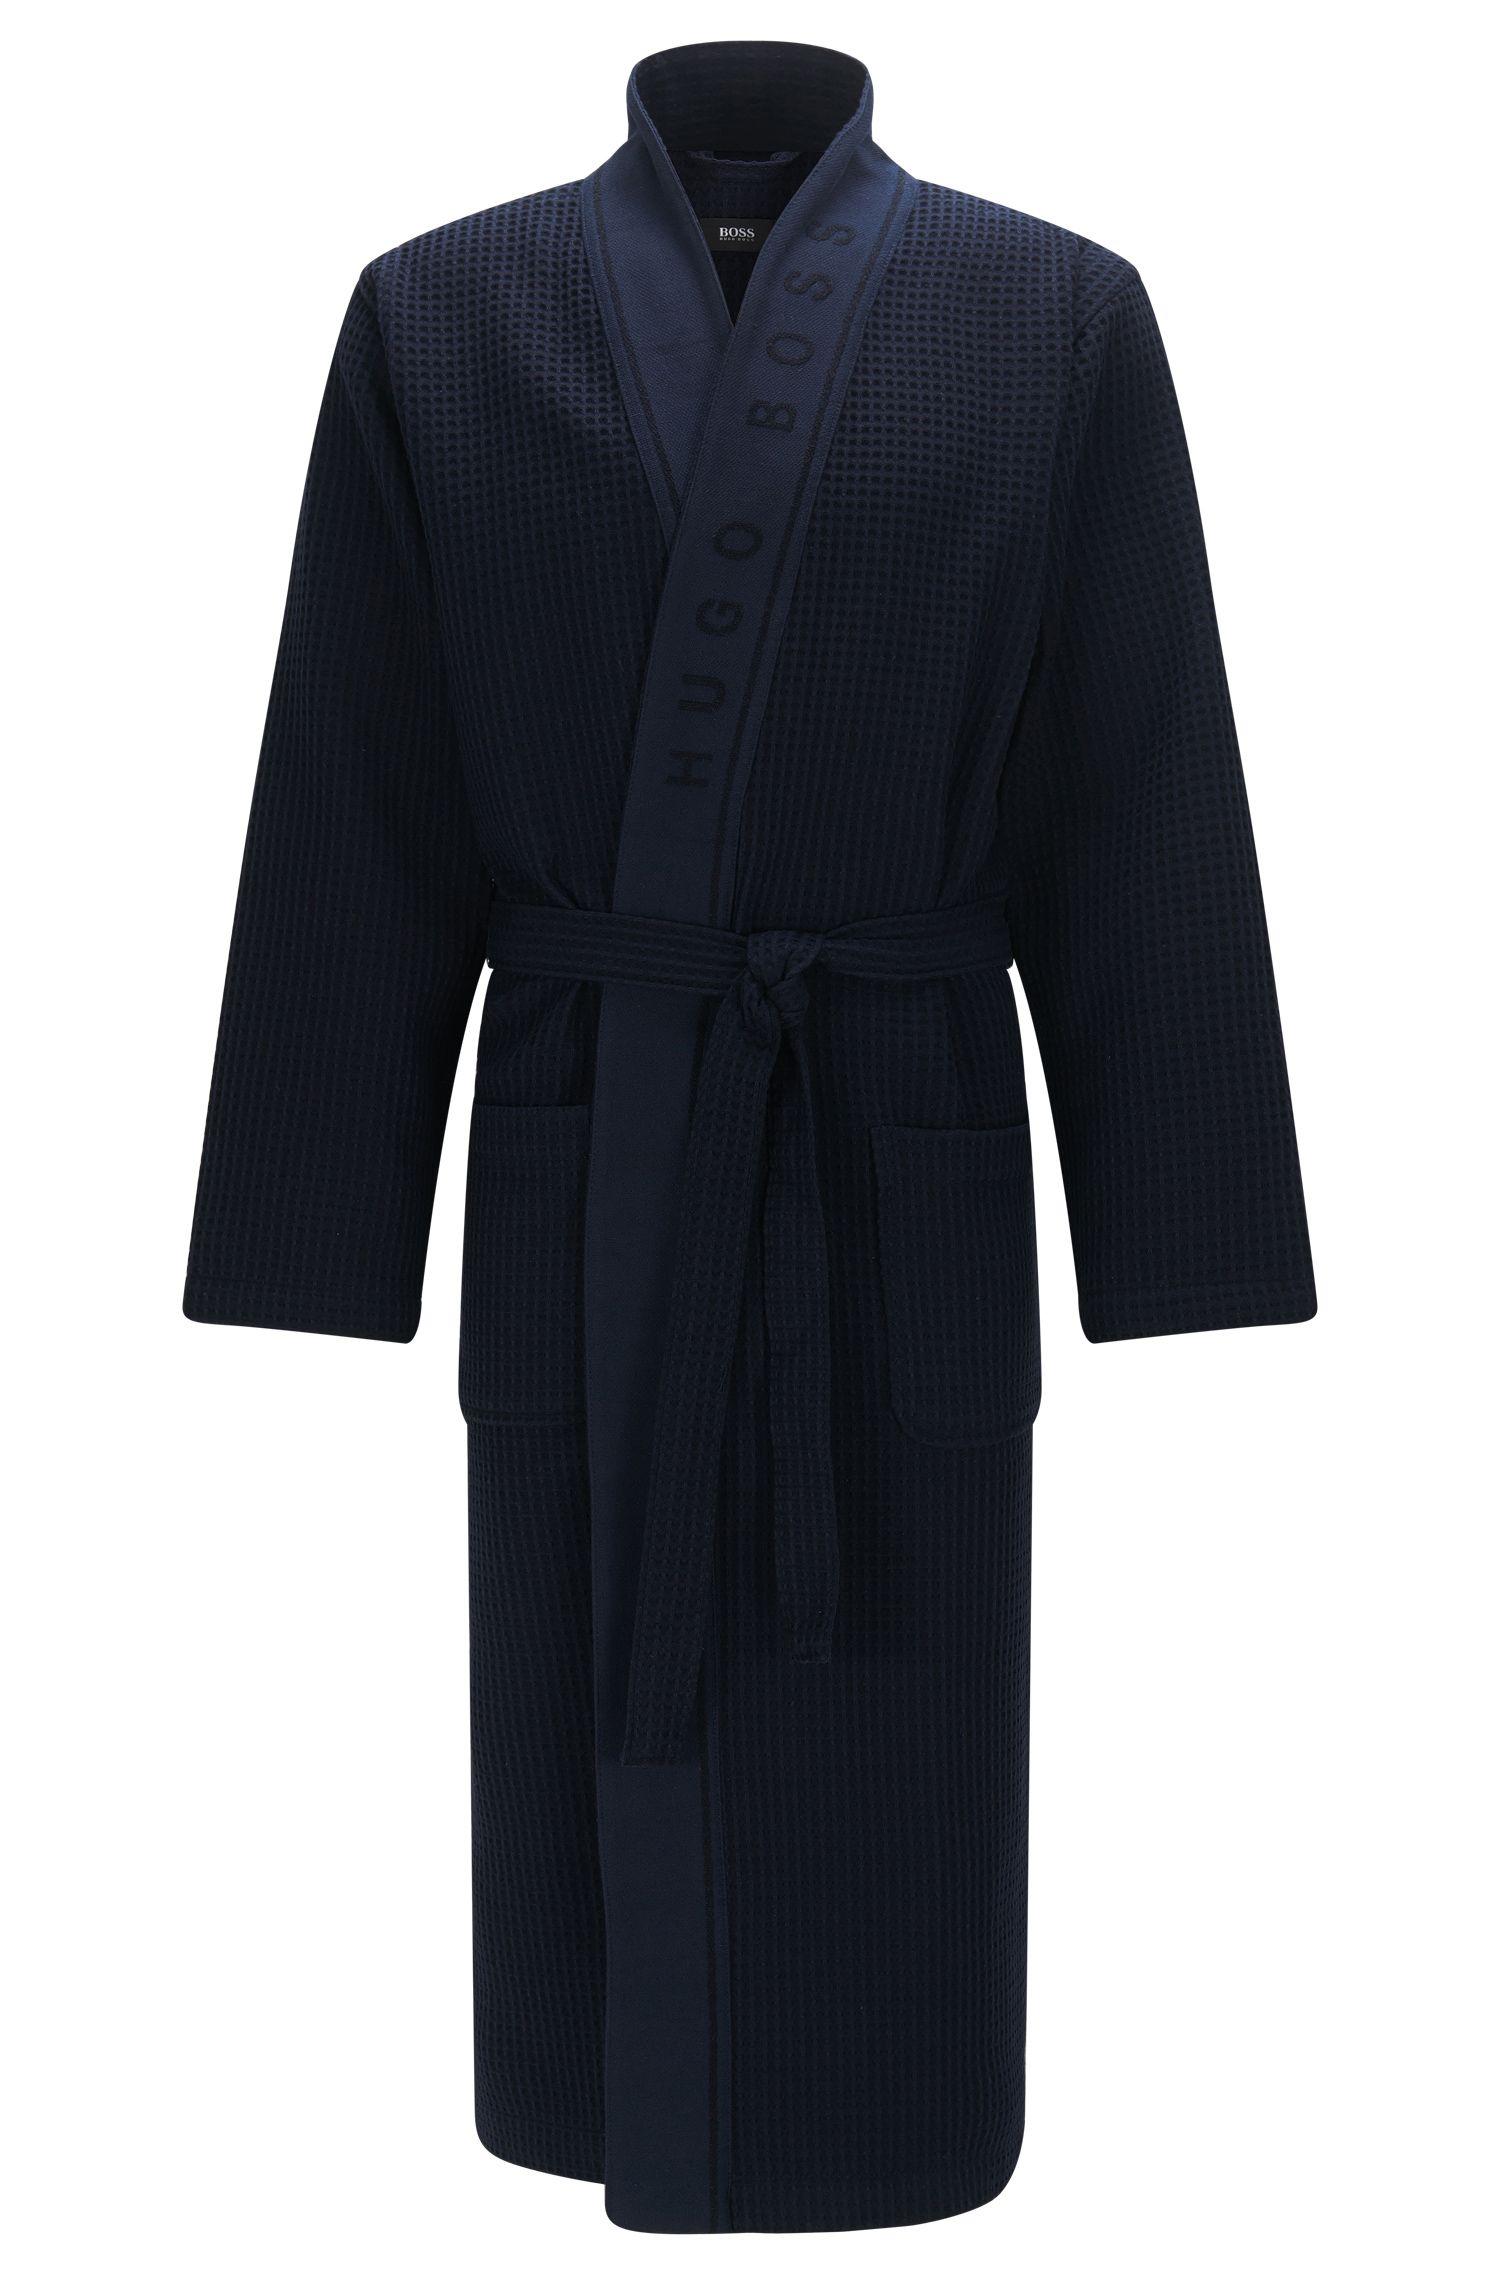 'Kimono' | Cotton Bamboo Viscose Kimono Robe